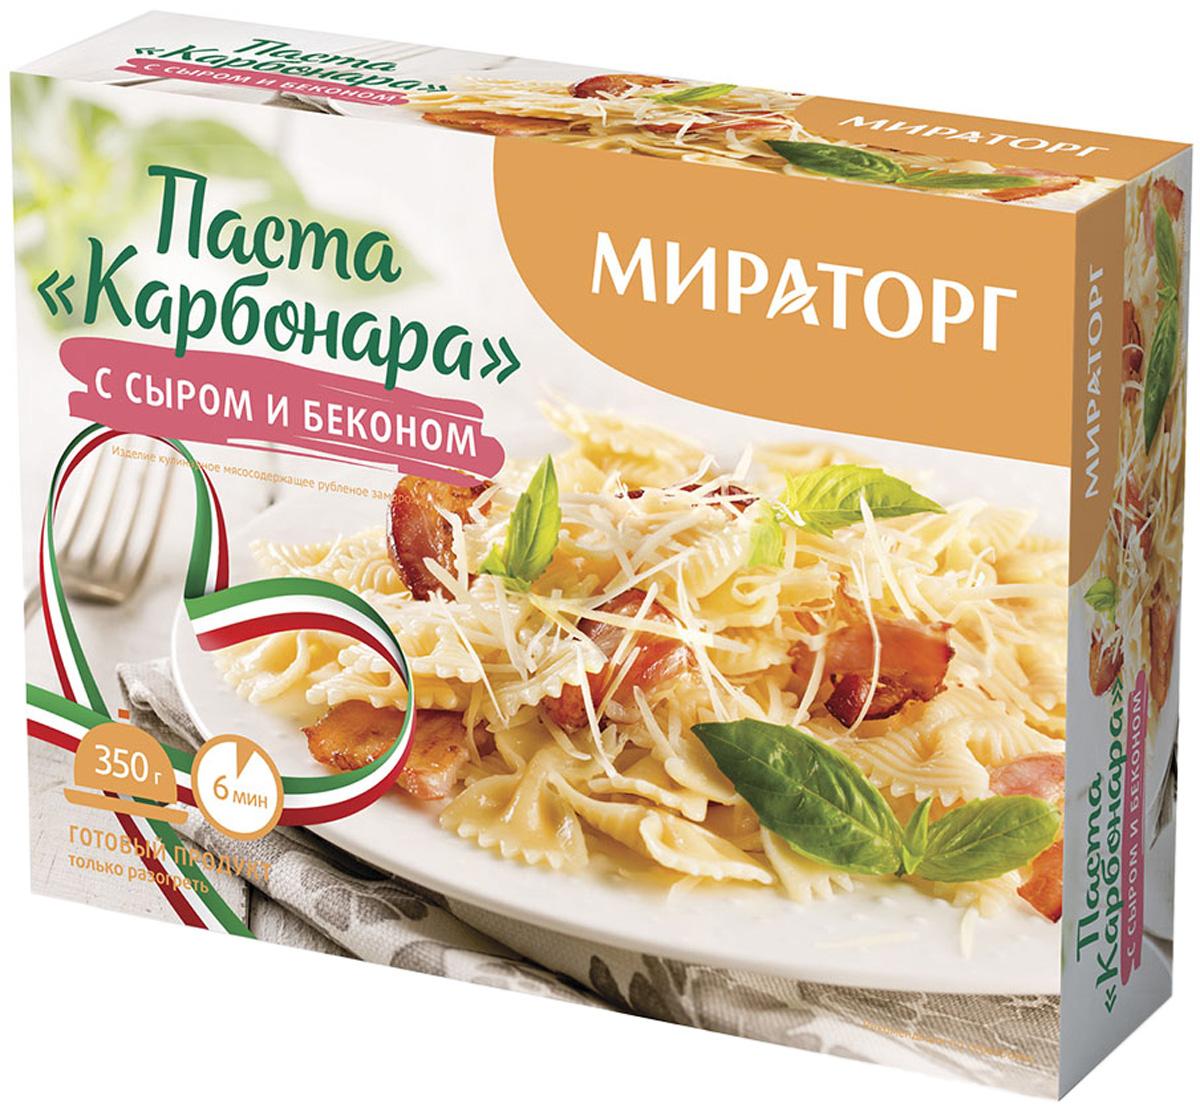 Паста Карбонара с сыром и беконом, Мираторг 350 г naturaliber живая паста из ядер арахиса 225 г